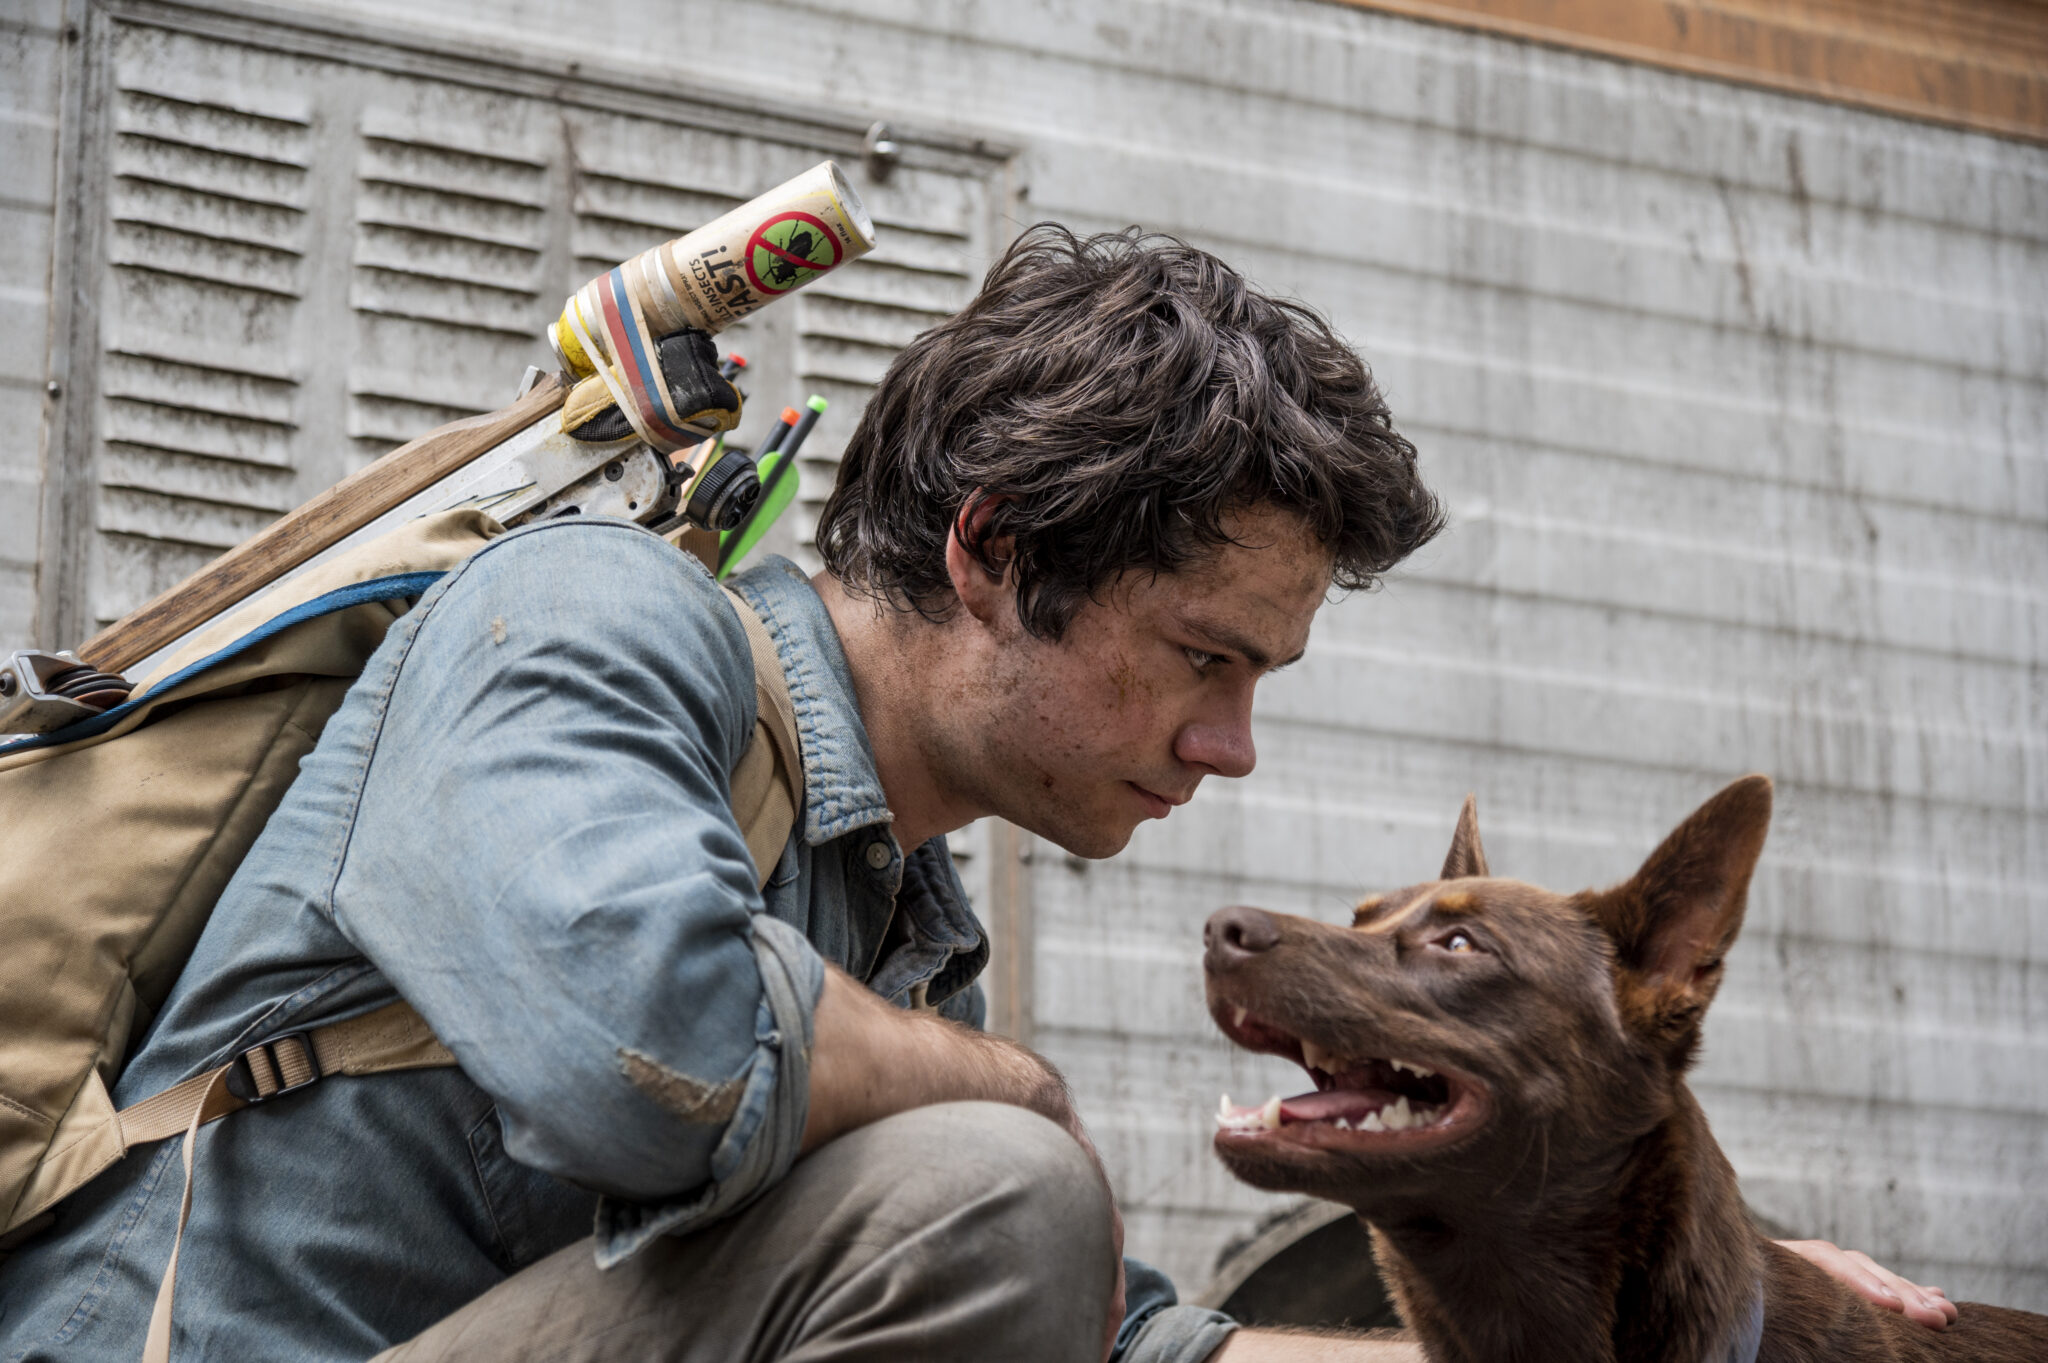 Joel (Dylan O'Brien) kniet vor seinem Hund vor einer Blechwand. Er trägt ein blaugraues Hemd und hat einen Rucksack auf dem Rücken.